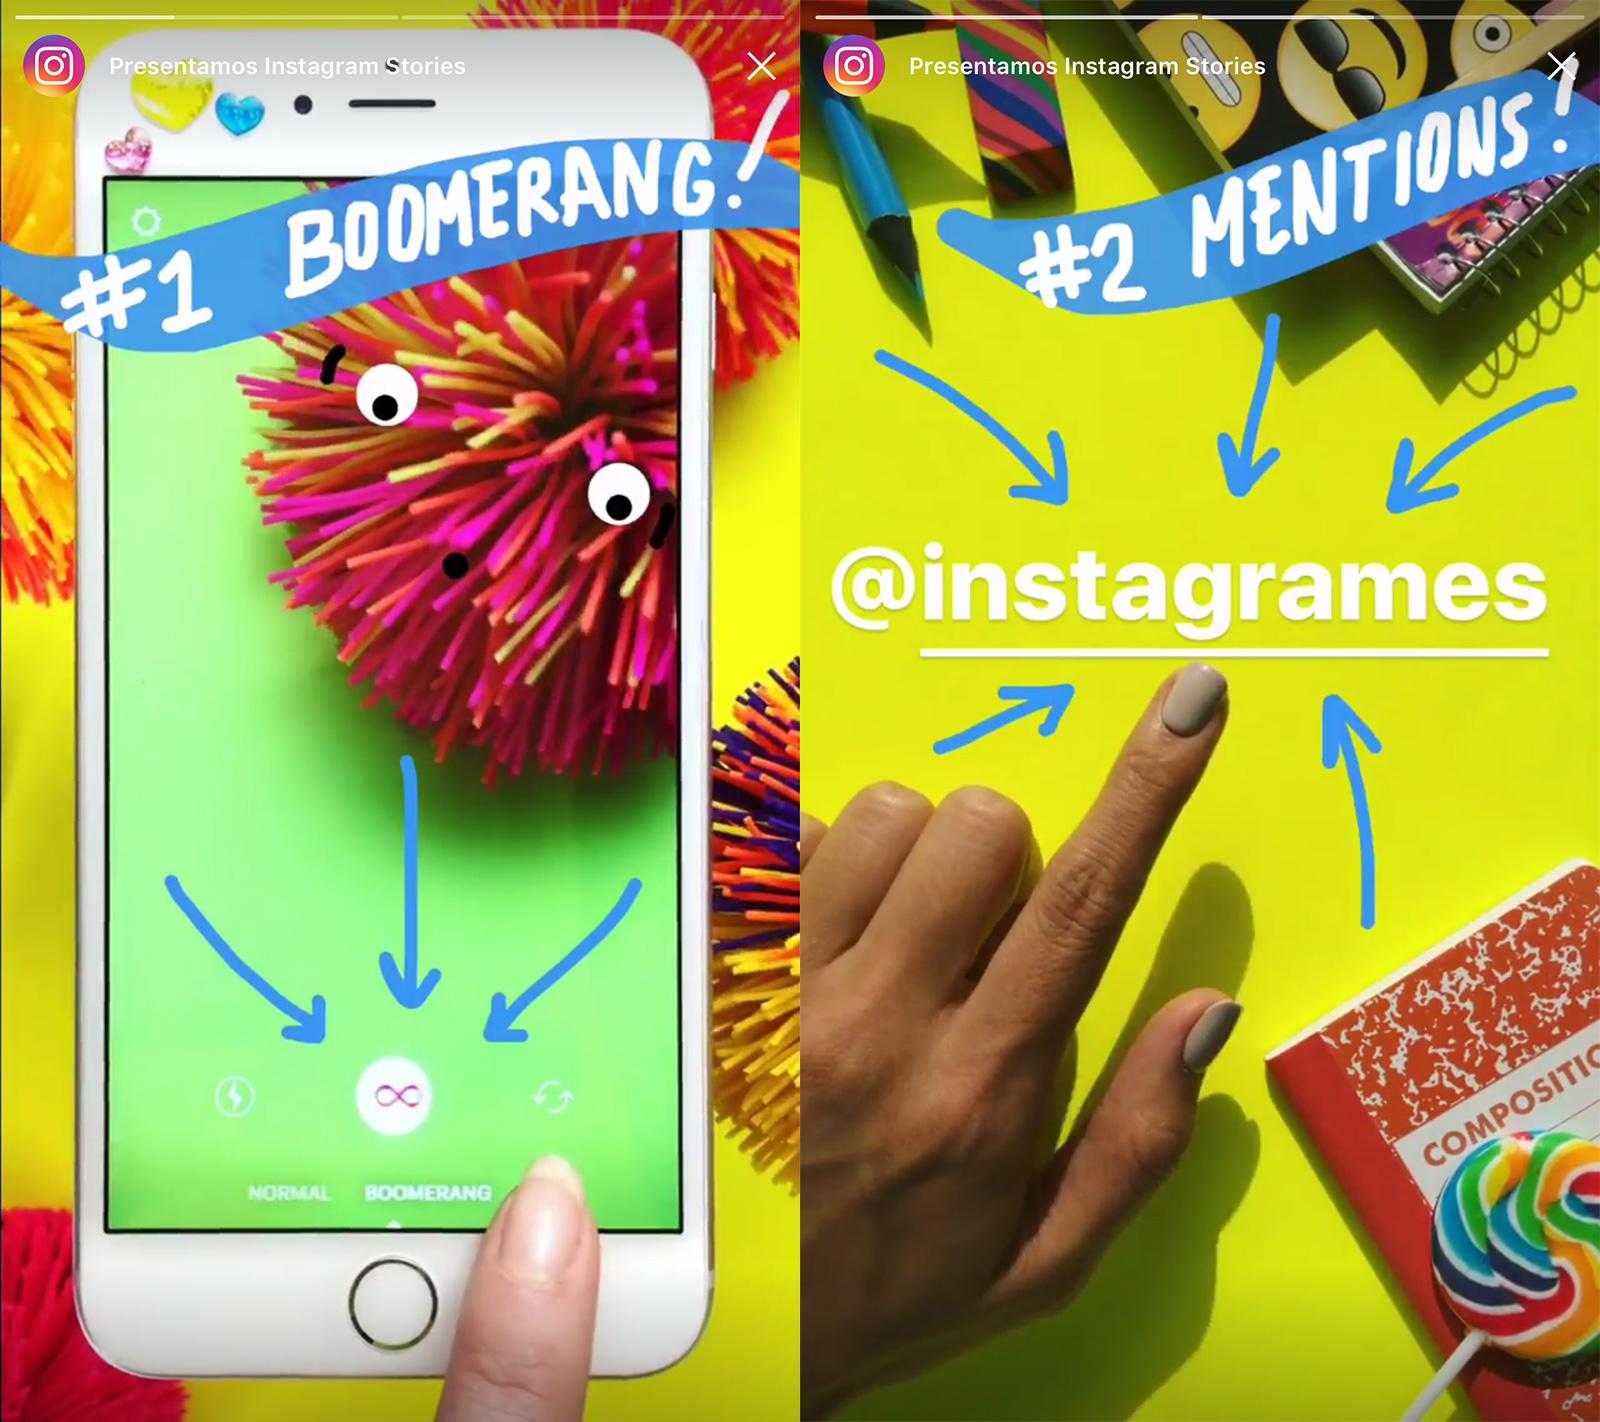 Nuevo modo Boomerang de Instagram